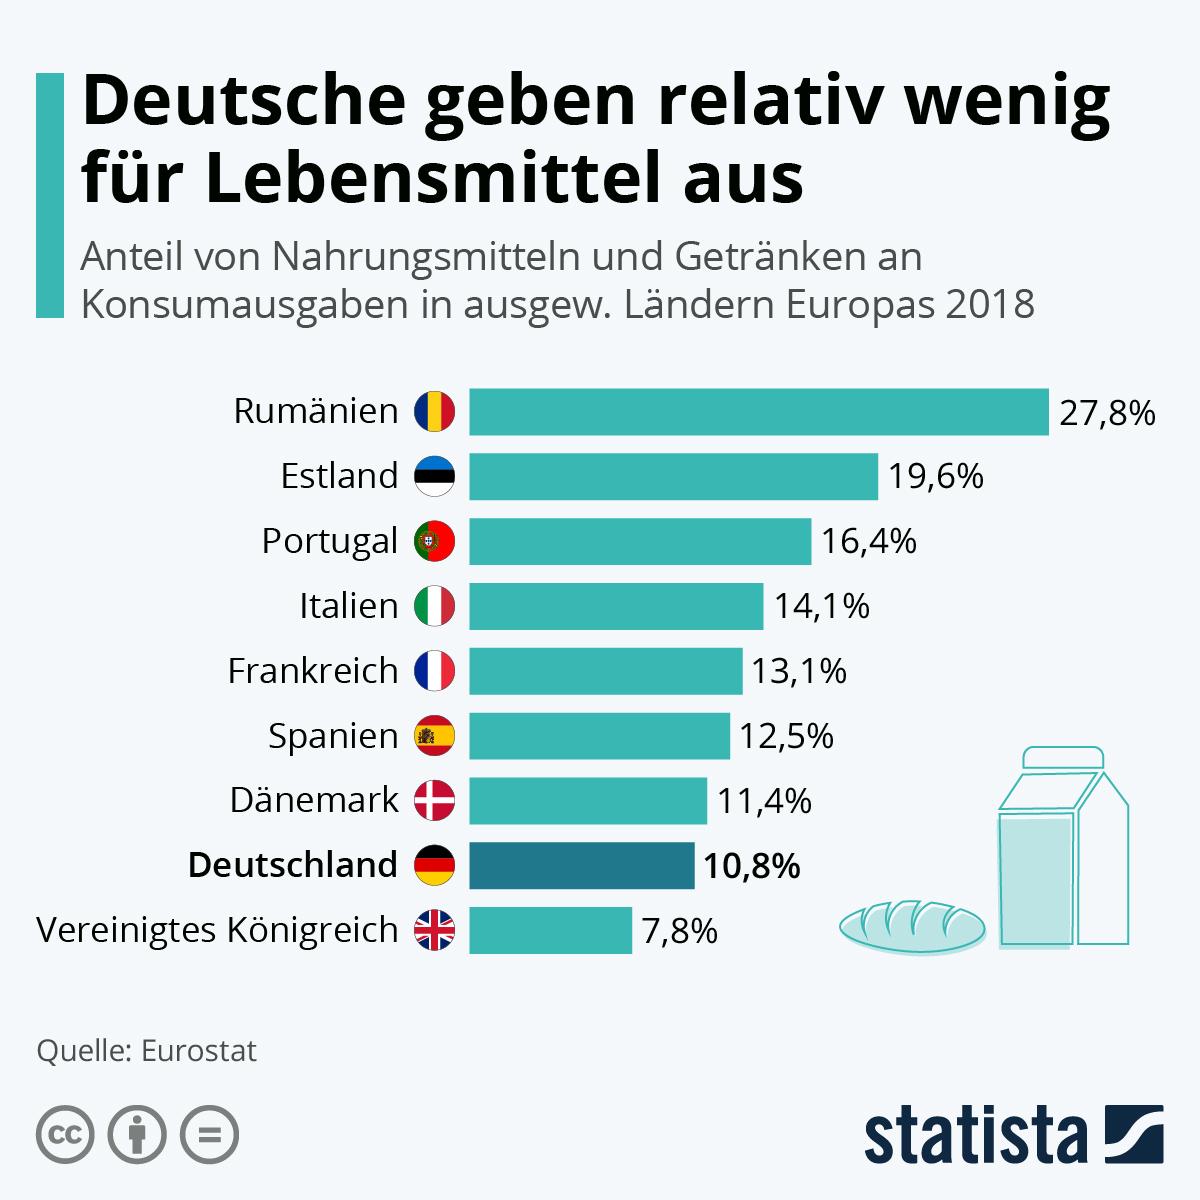 Deutsche geben relativ wenig für Lebensmittel aus | Statista